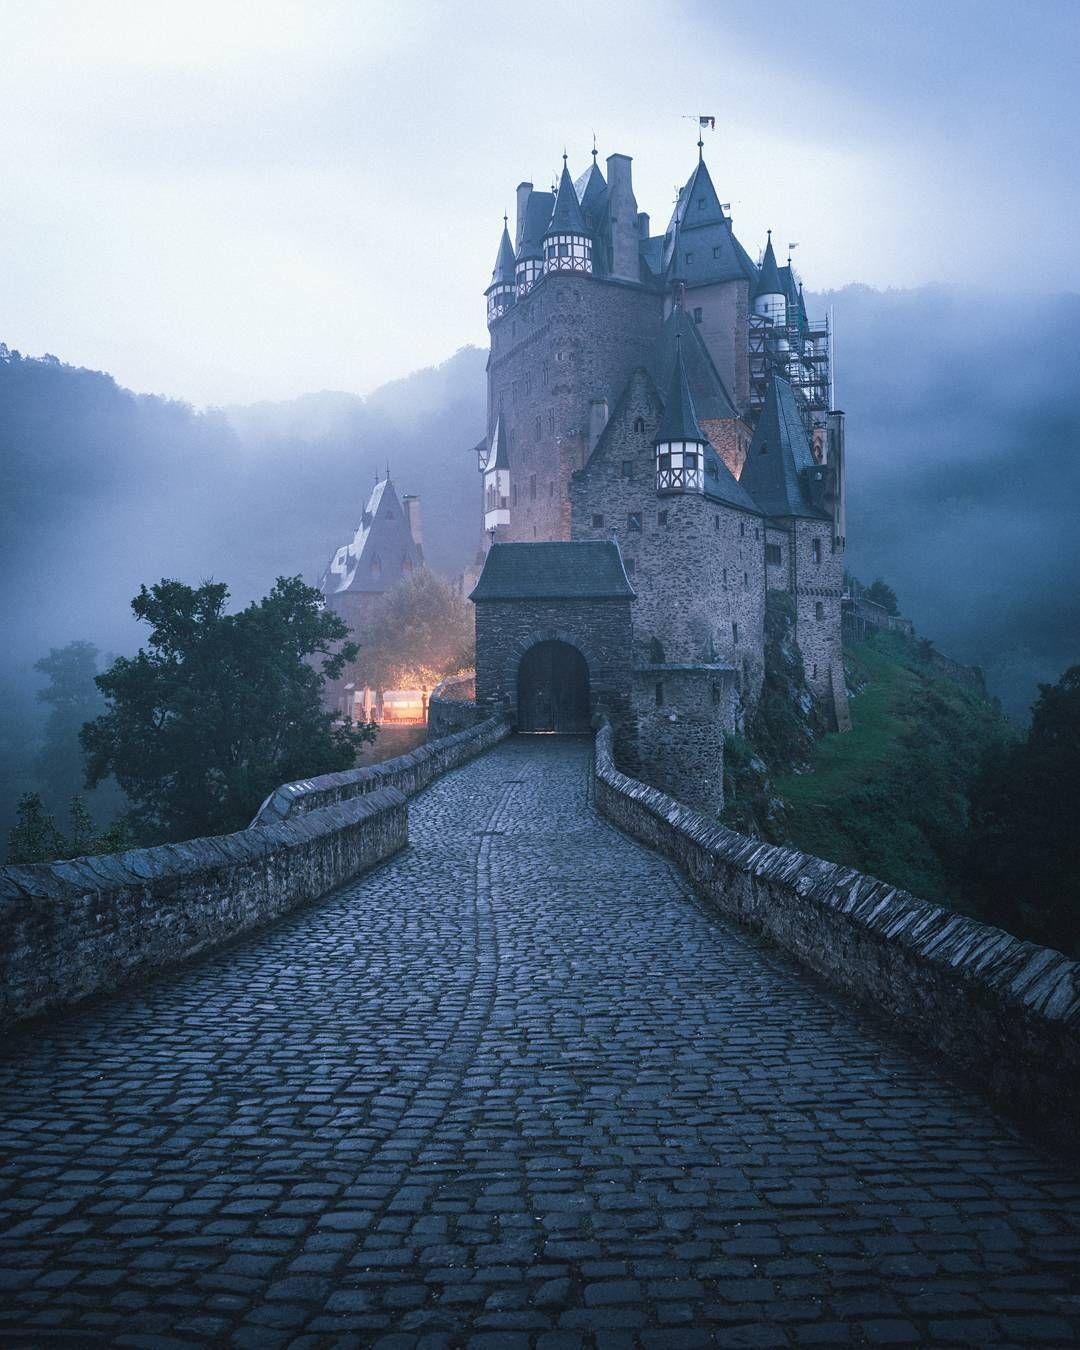 Offnungszeiten Eintrittspreise Tipps Hotels Erfahrt Hier Alles Uber Die Burg Eltz In Rheinland Pfalz ᐅ In 2020 Urlaub Beruhmte Schlosser Reisebilder